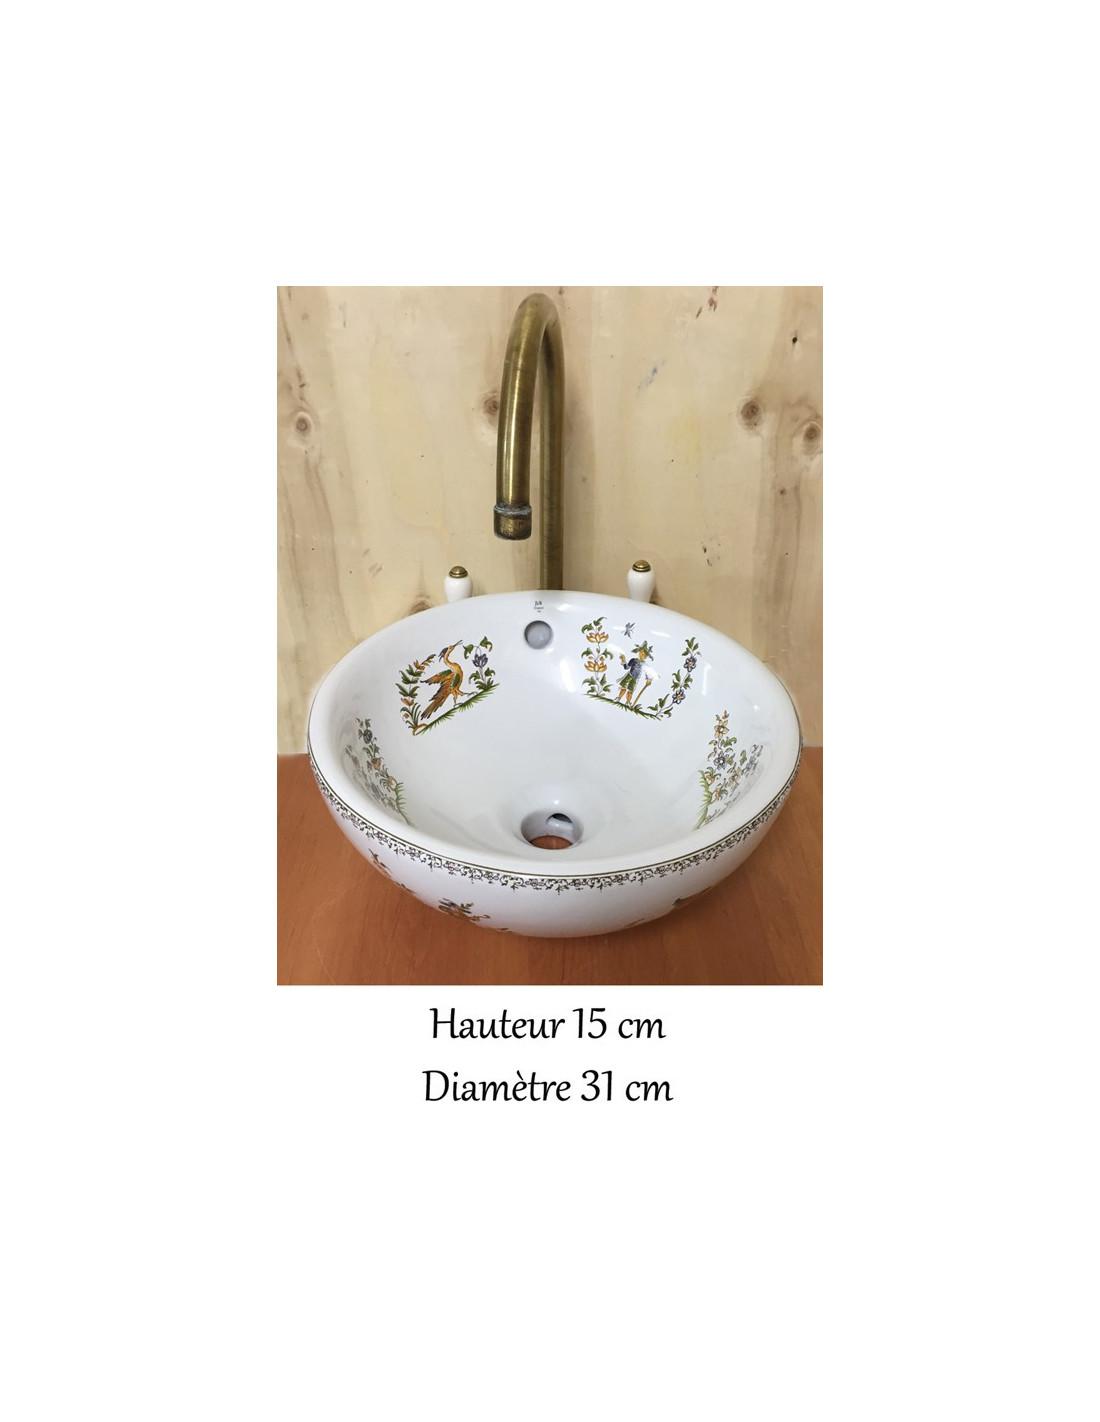 petite vasque bol ronde en porcelaine d cor tradition vieux moustiers polychrome le petit. Black Bedroom Furniture Sets. Home Design Ideas